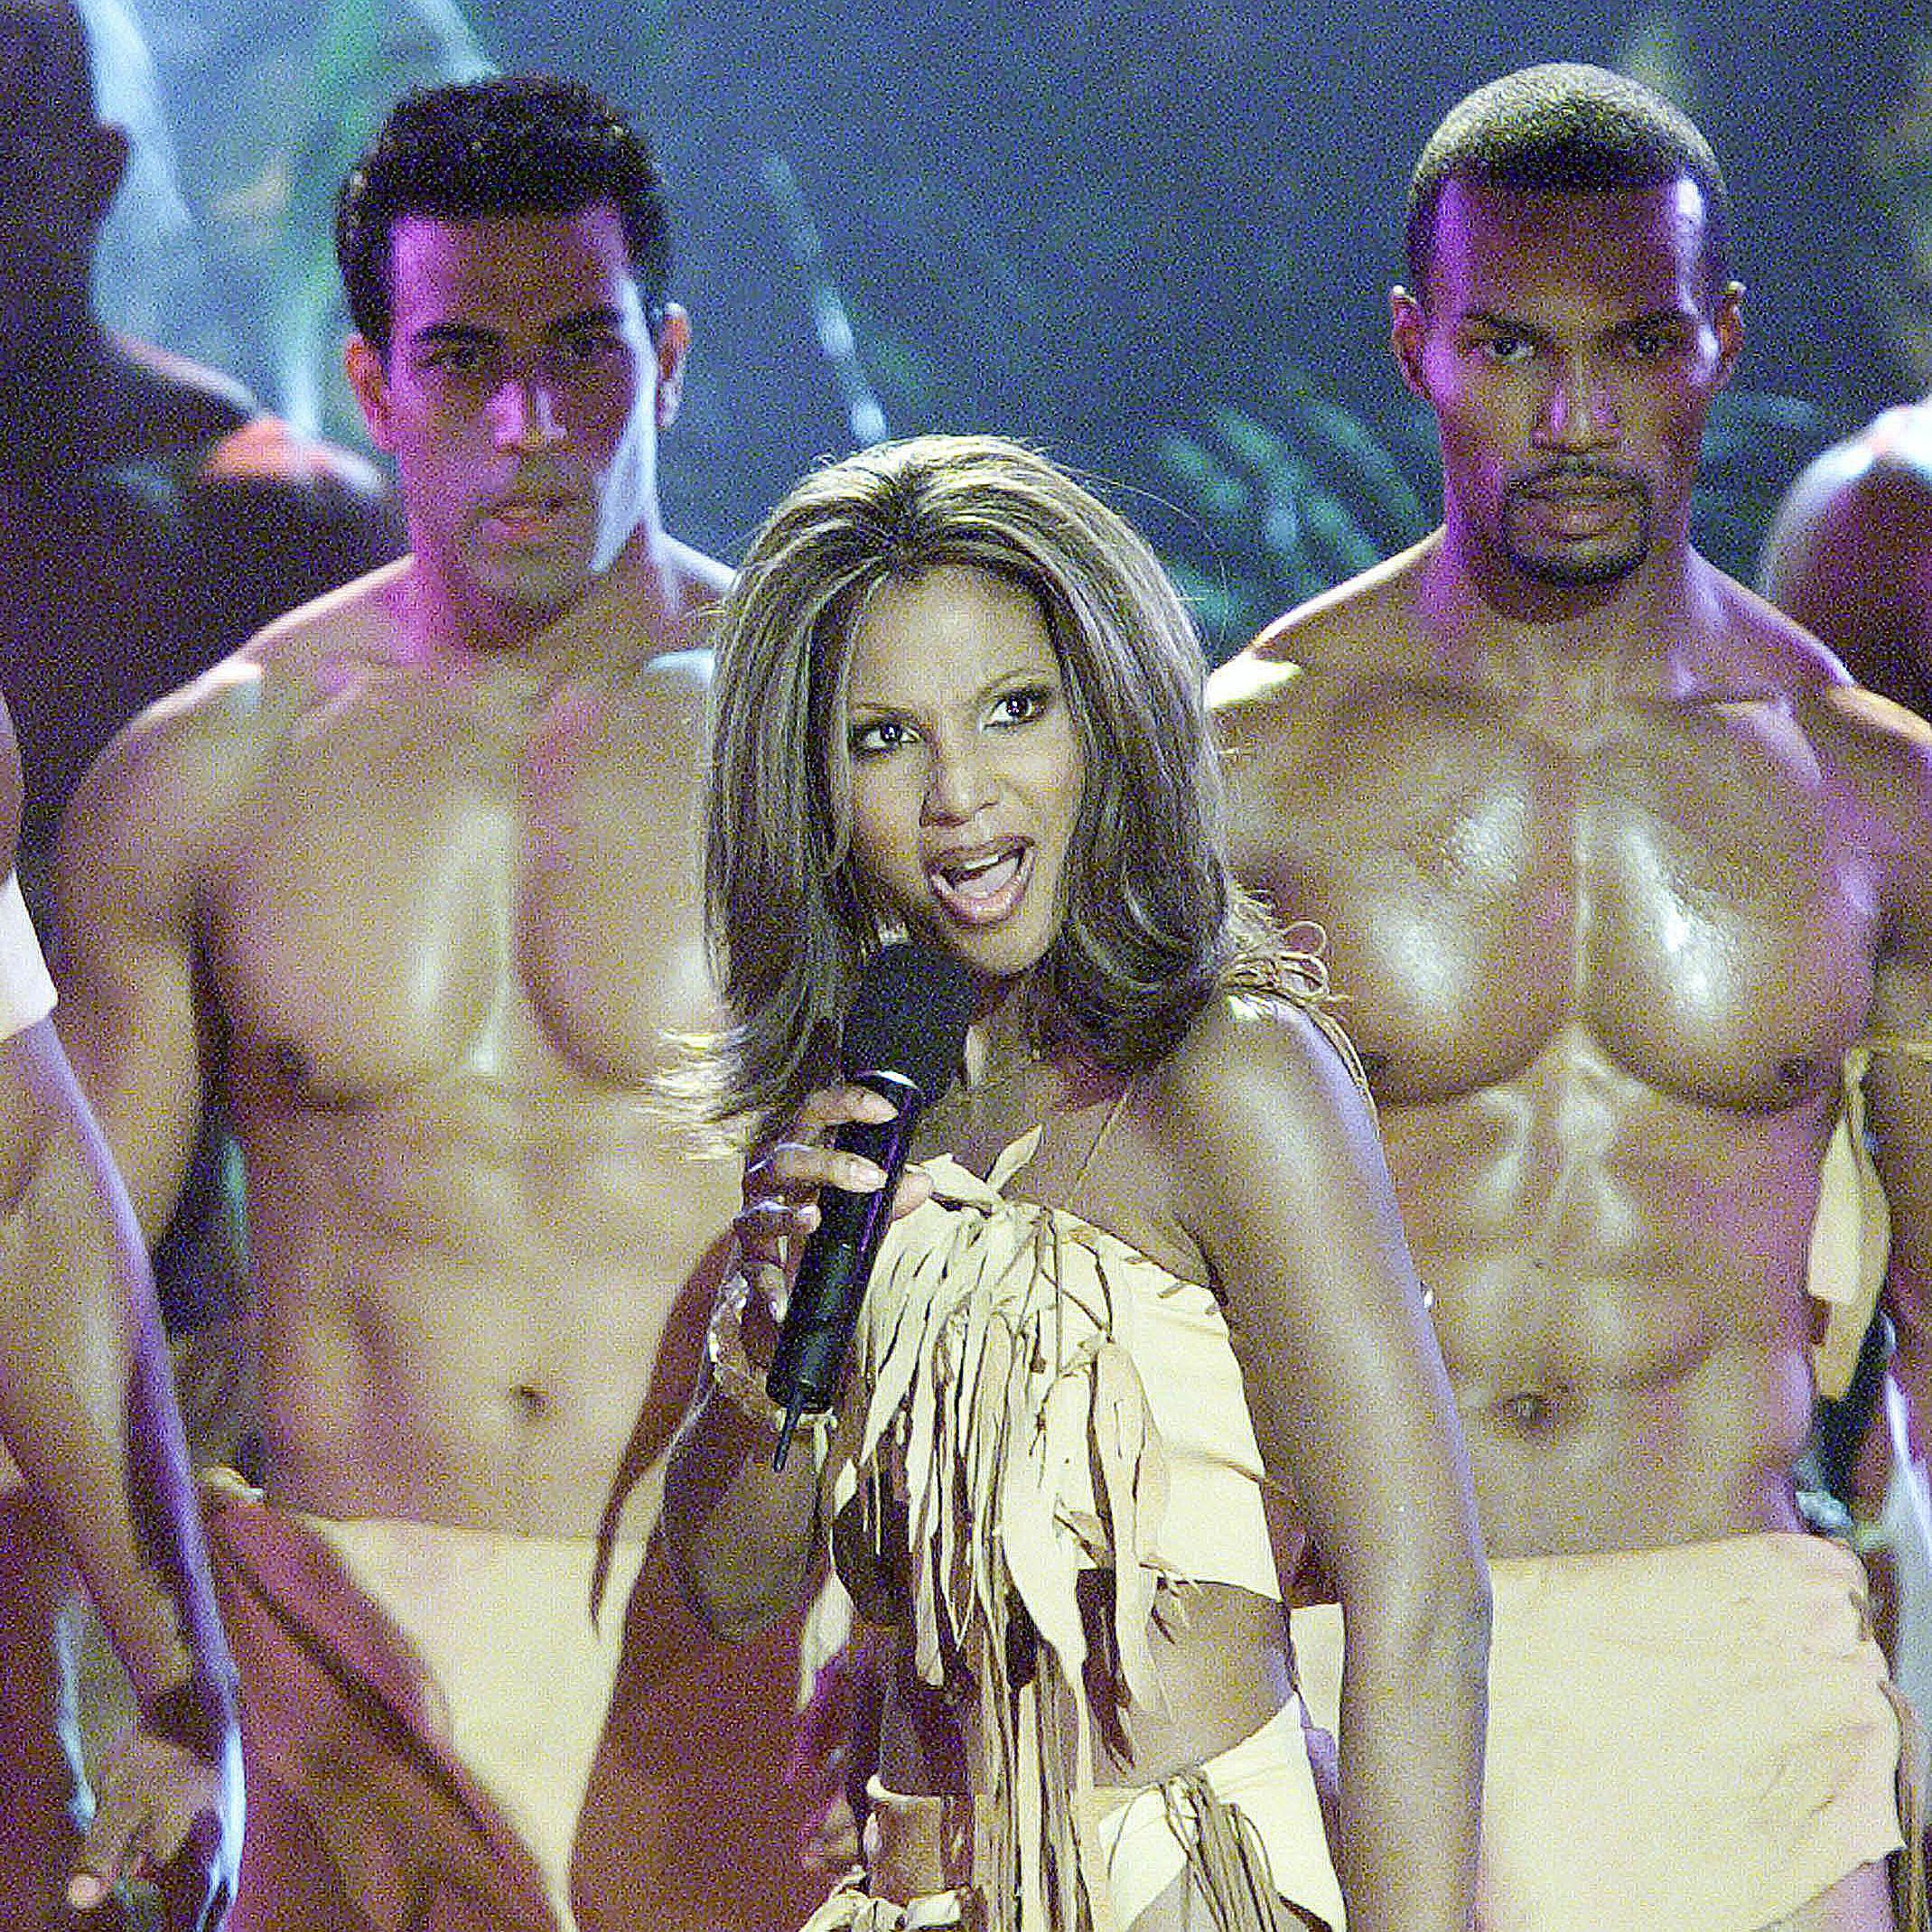 Toni Braxton performing in front of muscular, shirtless men